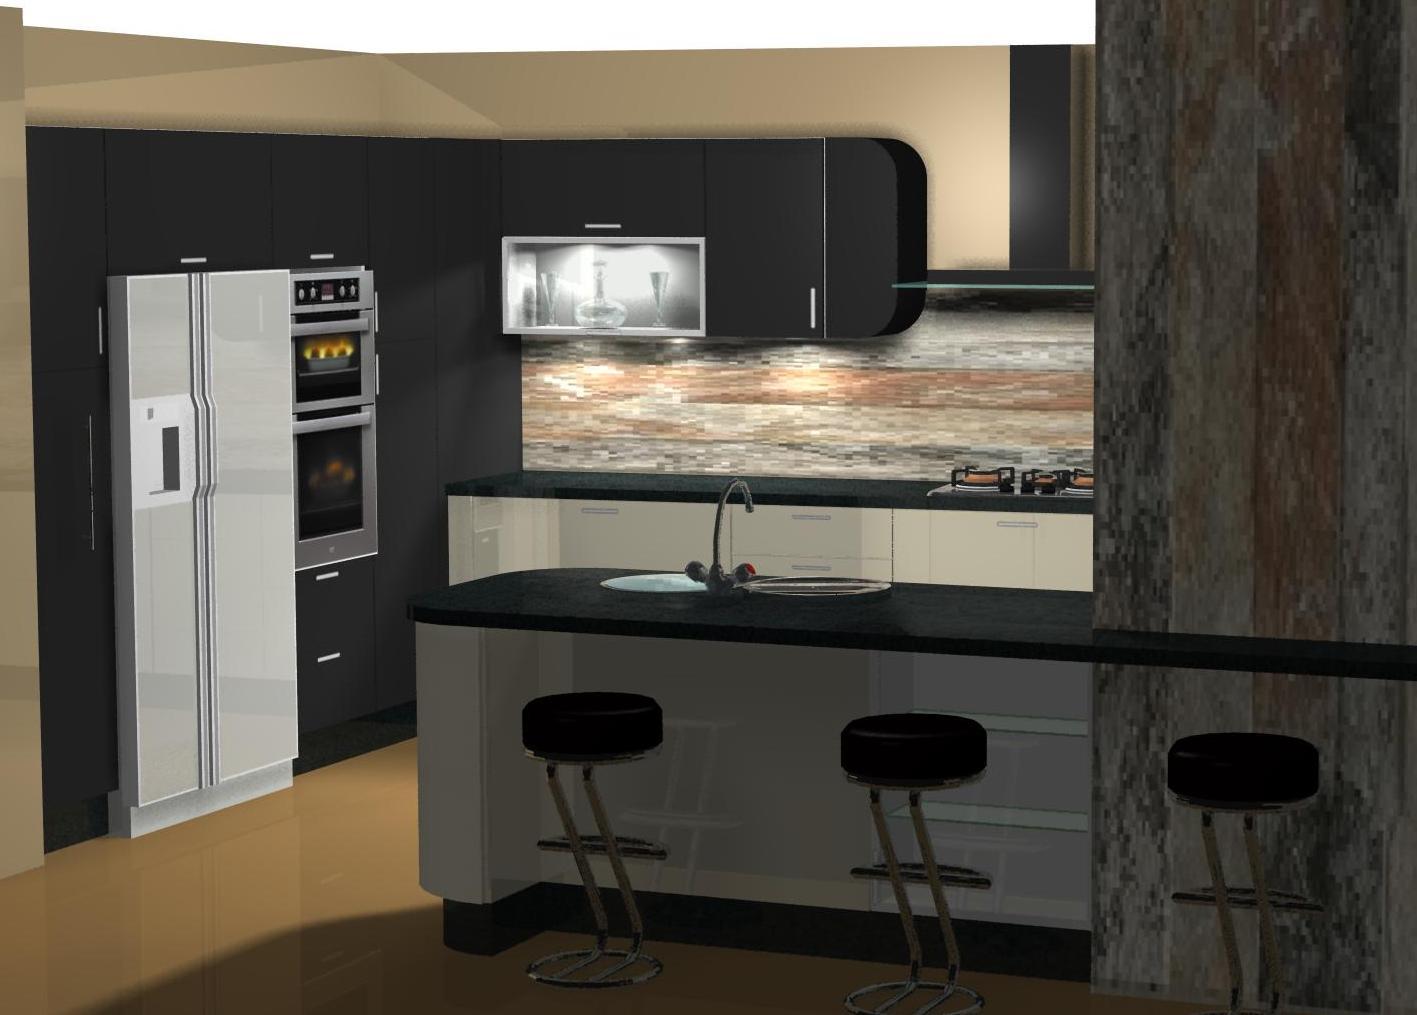 Mi cocina dise o de cocina lacado en crema y negro con for Diseno muebles cocina